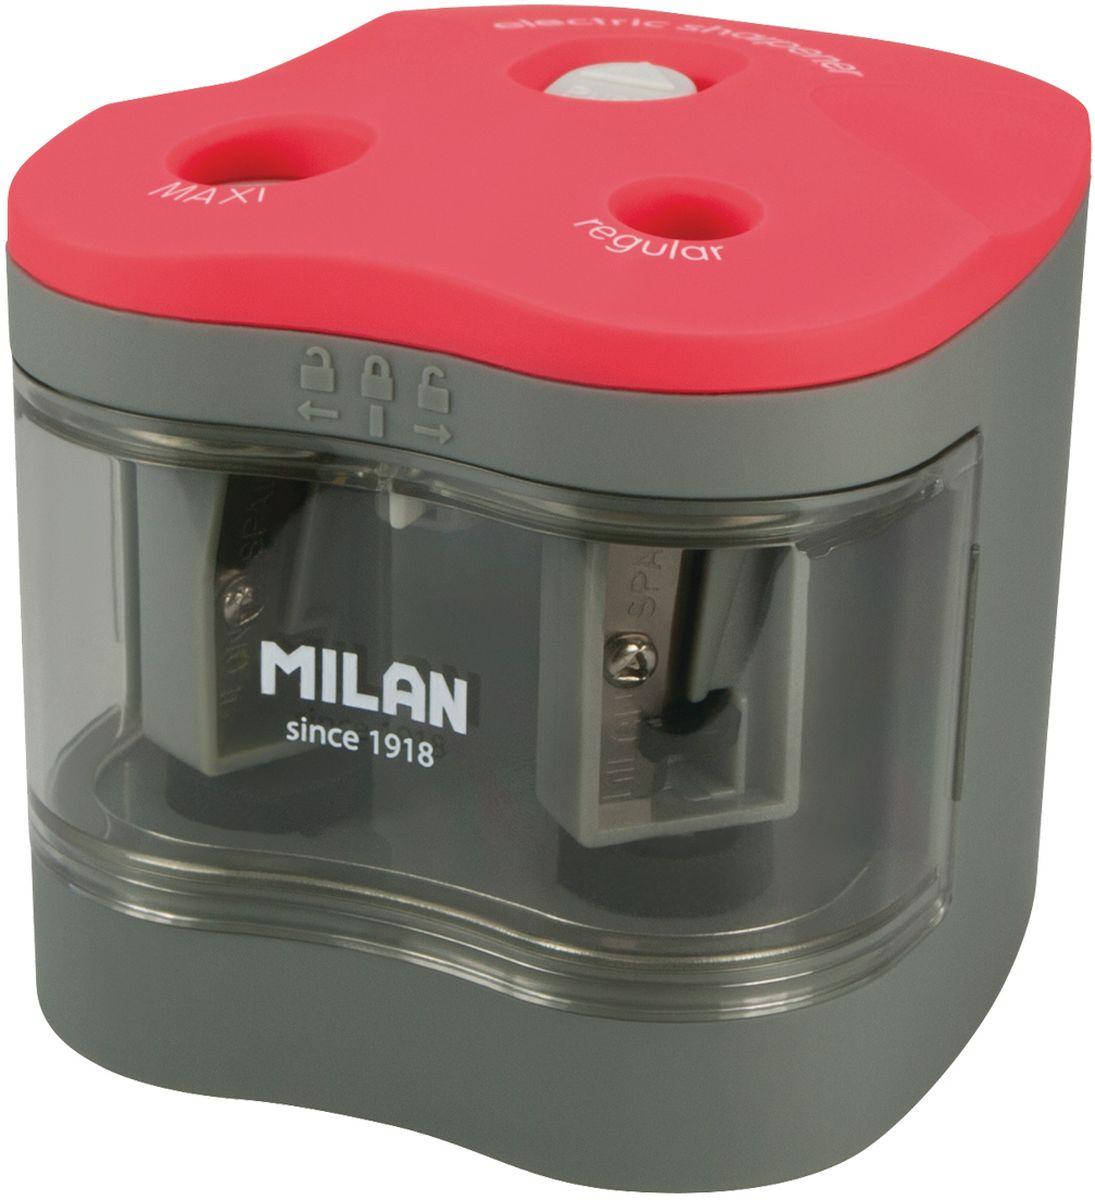 Milan Точилка электрическая Maxi Regular с контейнеромBWM10278Электрическая точилка Milan Maxi Regular с контейнером имеет острые, устойчивые к повреждению лезвия. Точилка идеально подходит для графитовых и цветных карандашей. Съемная передняя крышка для обеспечения утилизации стружки.В блистерной упаковке точилка и 4 батарейки 1,5V.